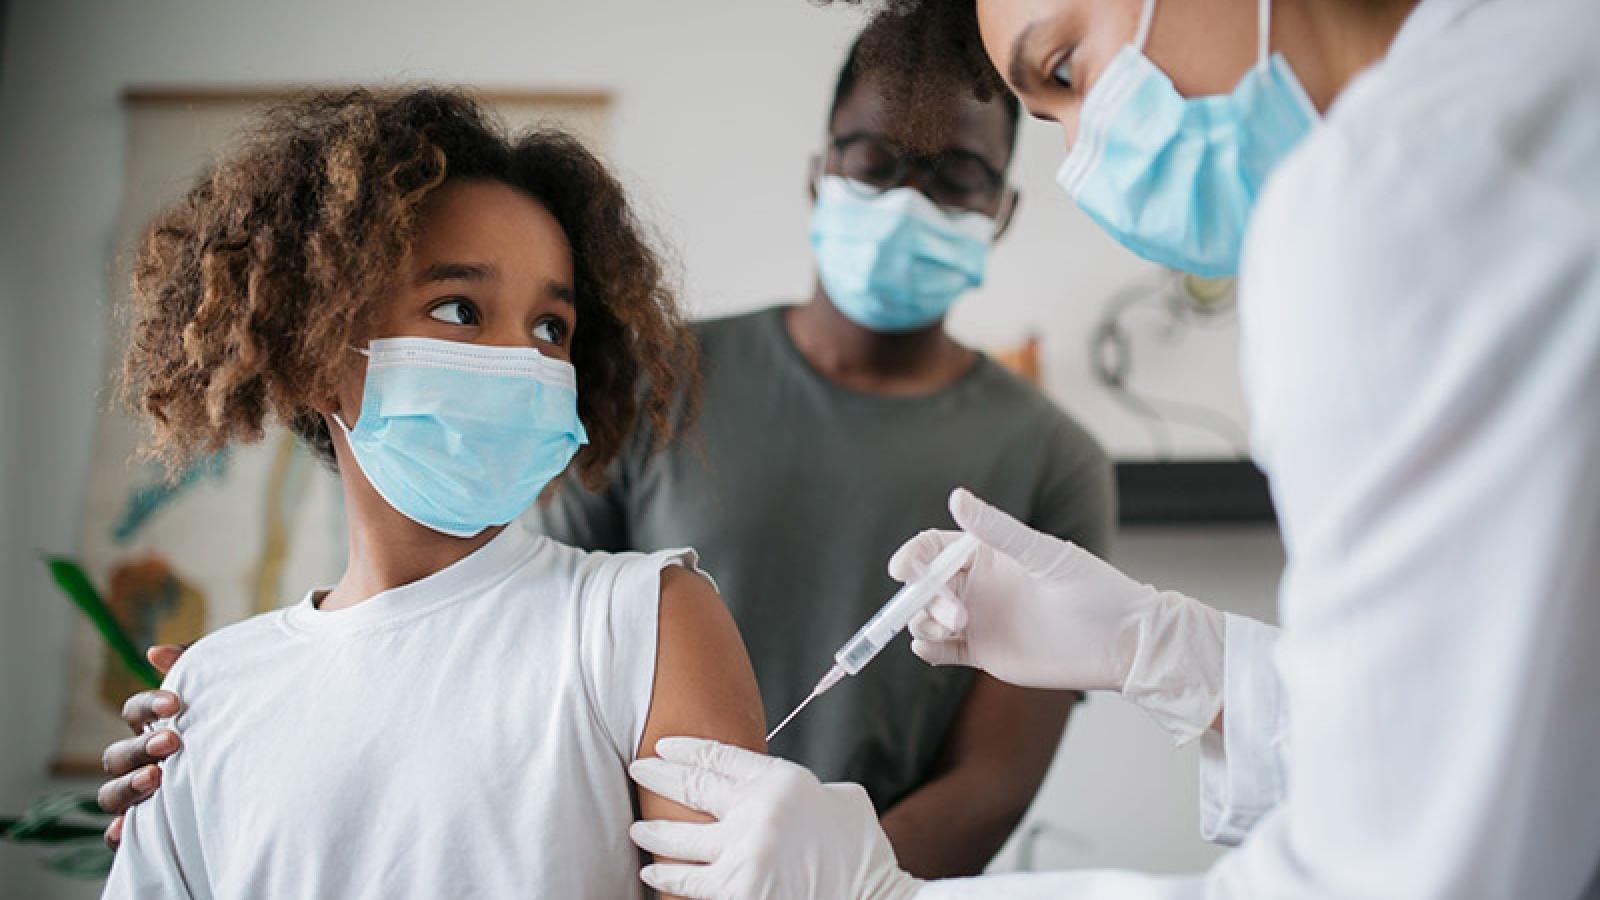 Những quốc gia nào đang tiêm vaccine Covid-19 cho trẻ vị thành niên?